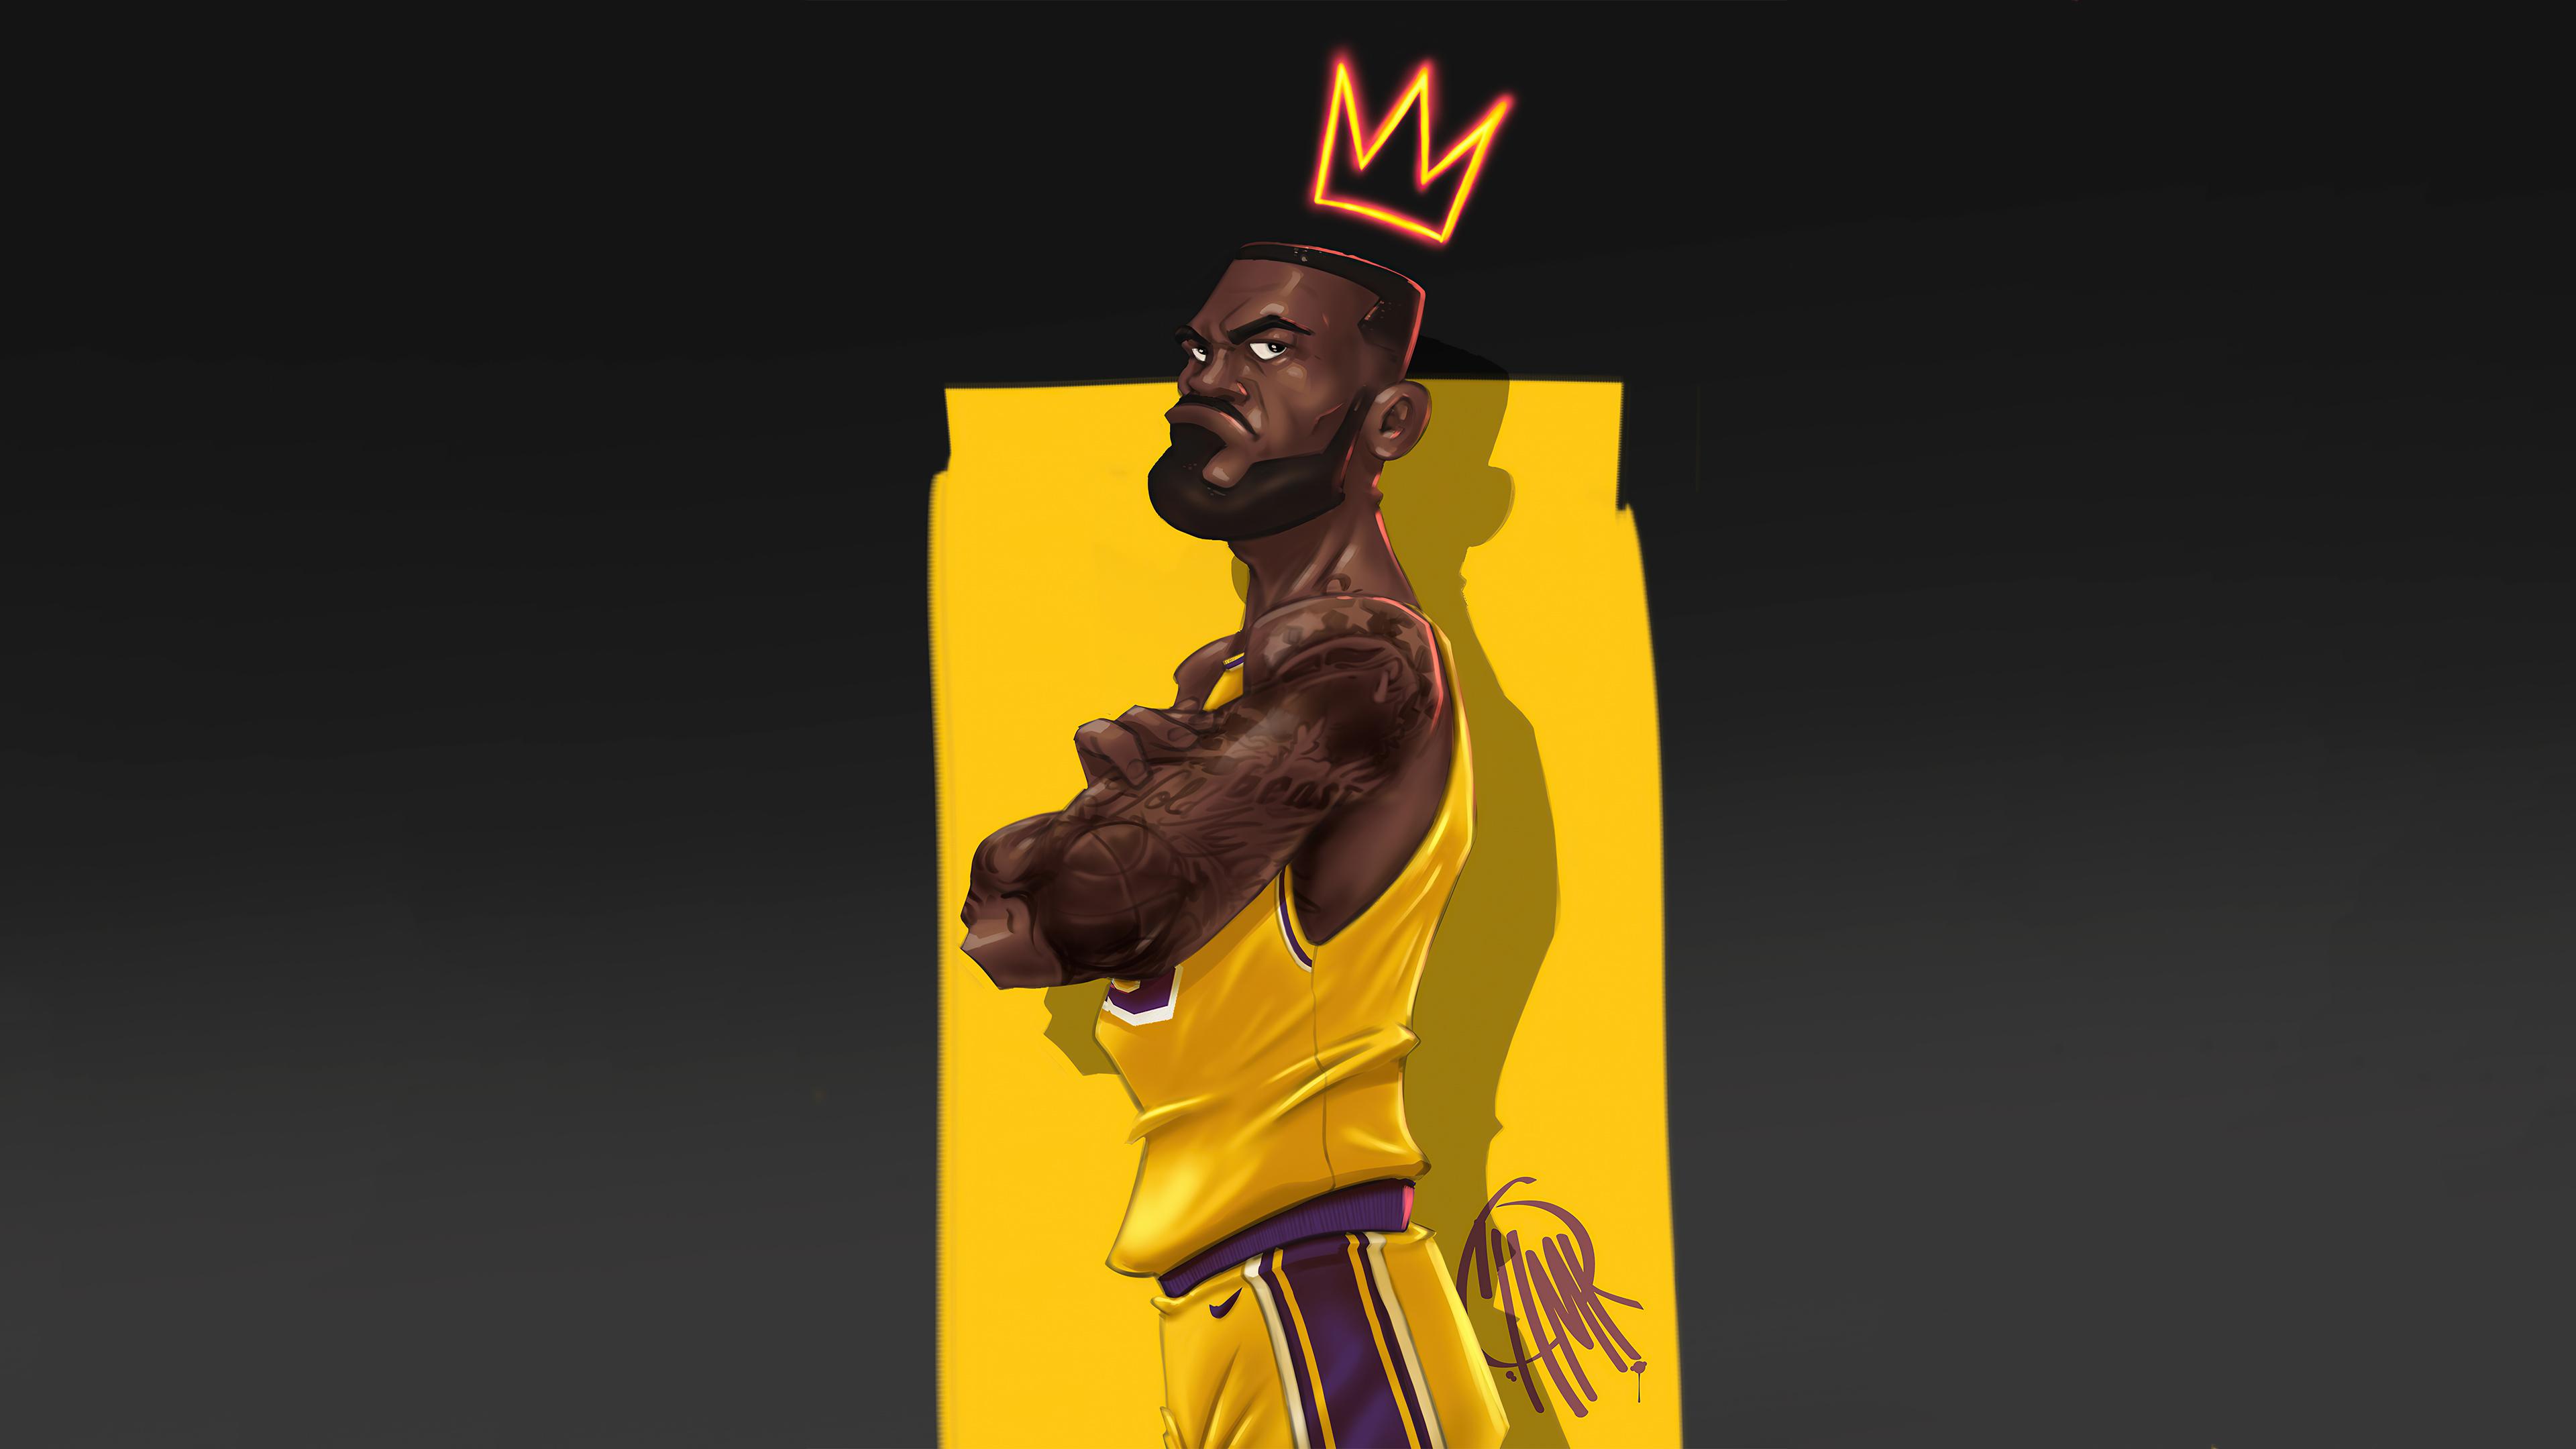 LeBron James FanArt Wallpaper, HD Sports 4K Wallpapers ...